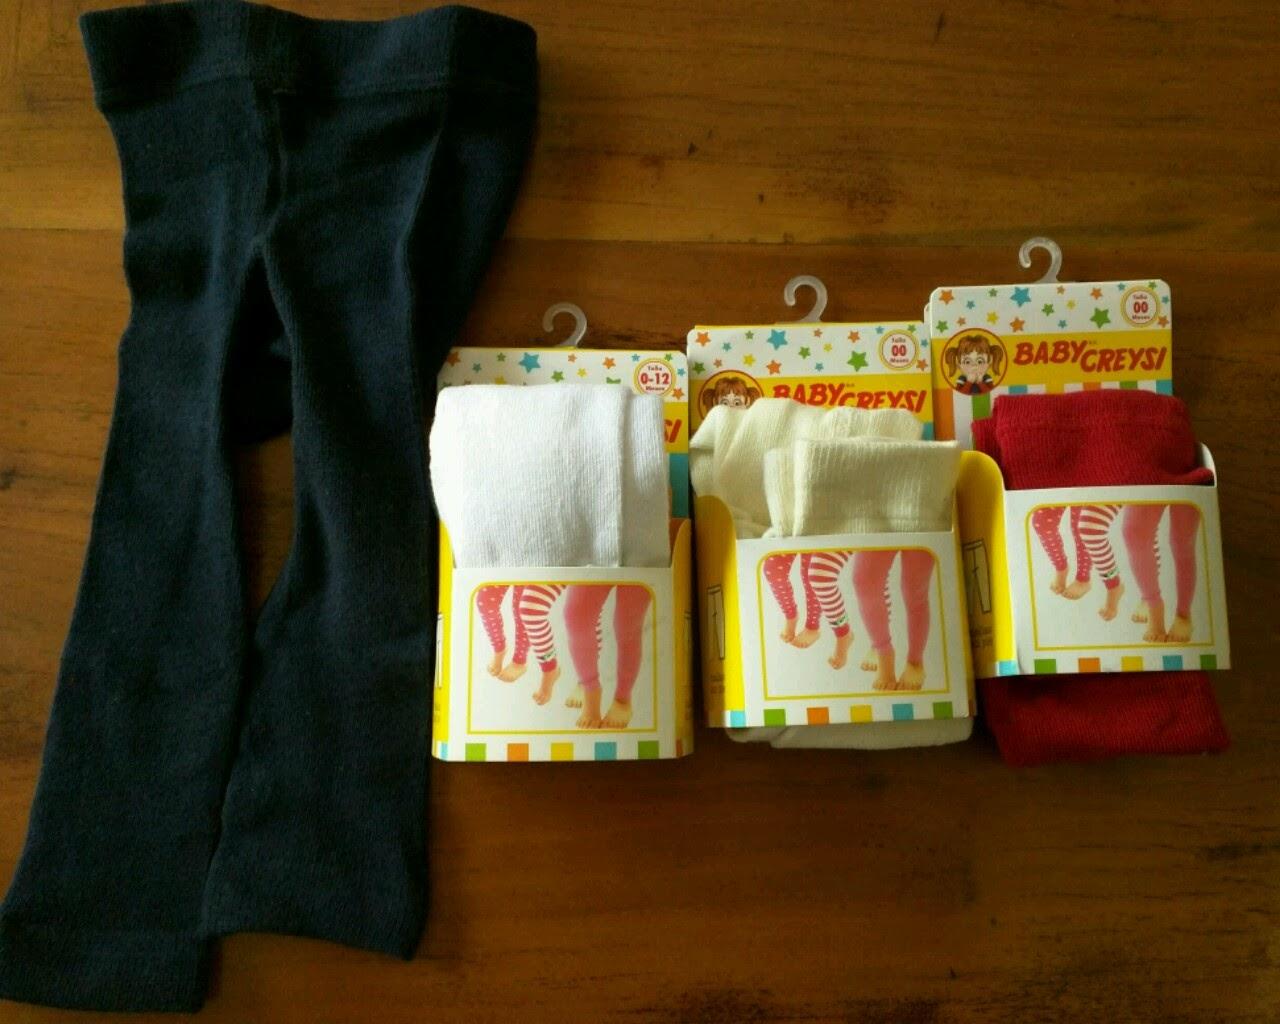 Walmart Patio Santa Fe: Mallitas para bebé Baby Creysi $10.01 y carriola Prinsel Torino TS en $800.02